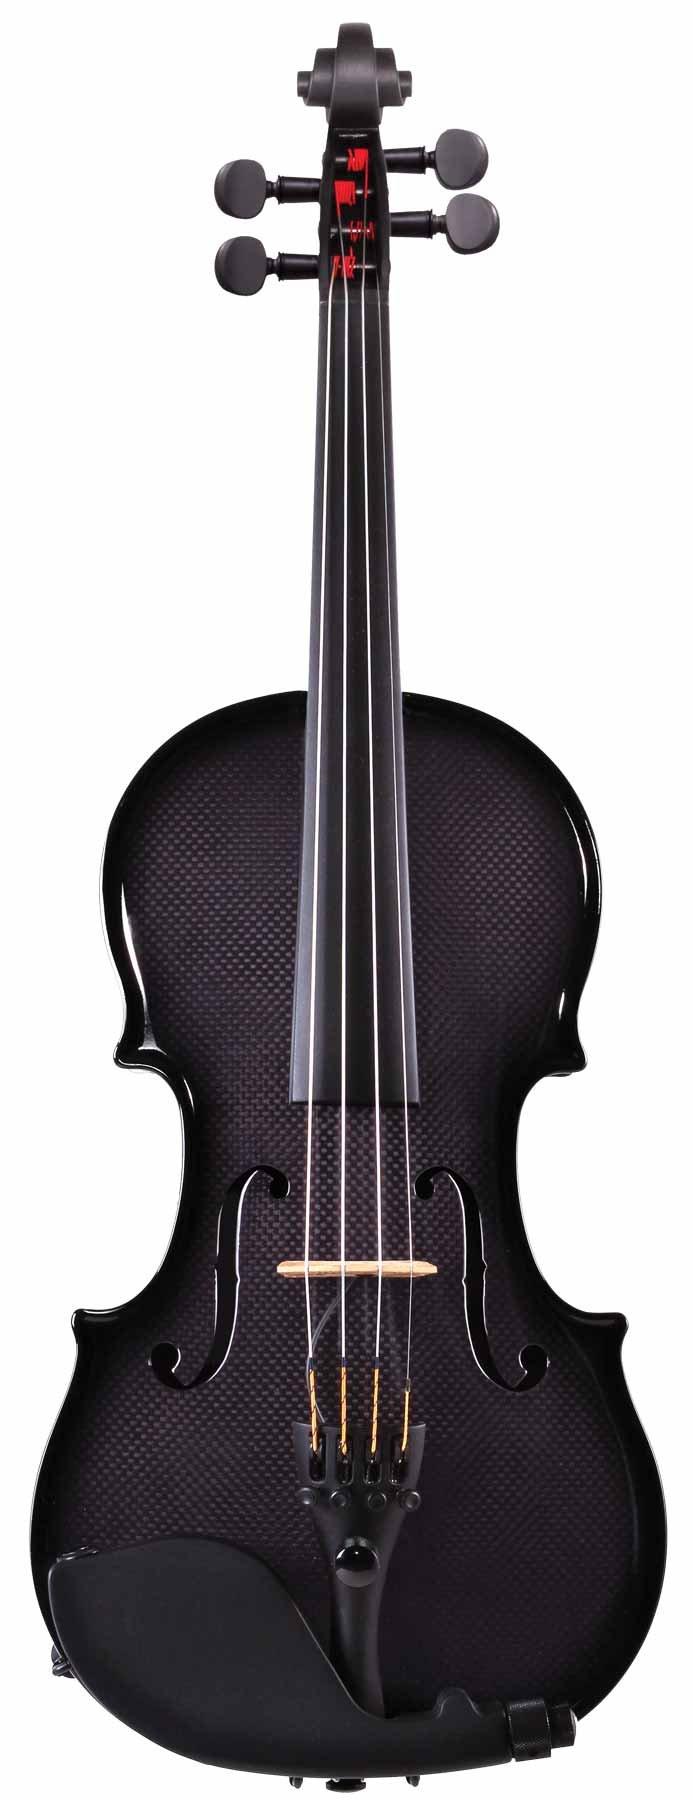 CARBON COMPOSITE ACOUSTIC ELECTRIC VIOLA 15'' - Purple